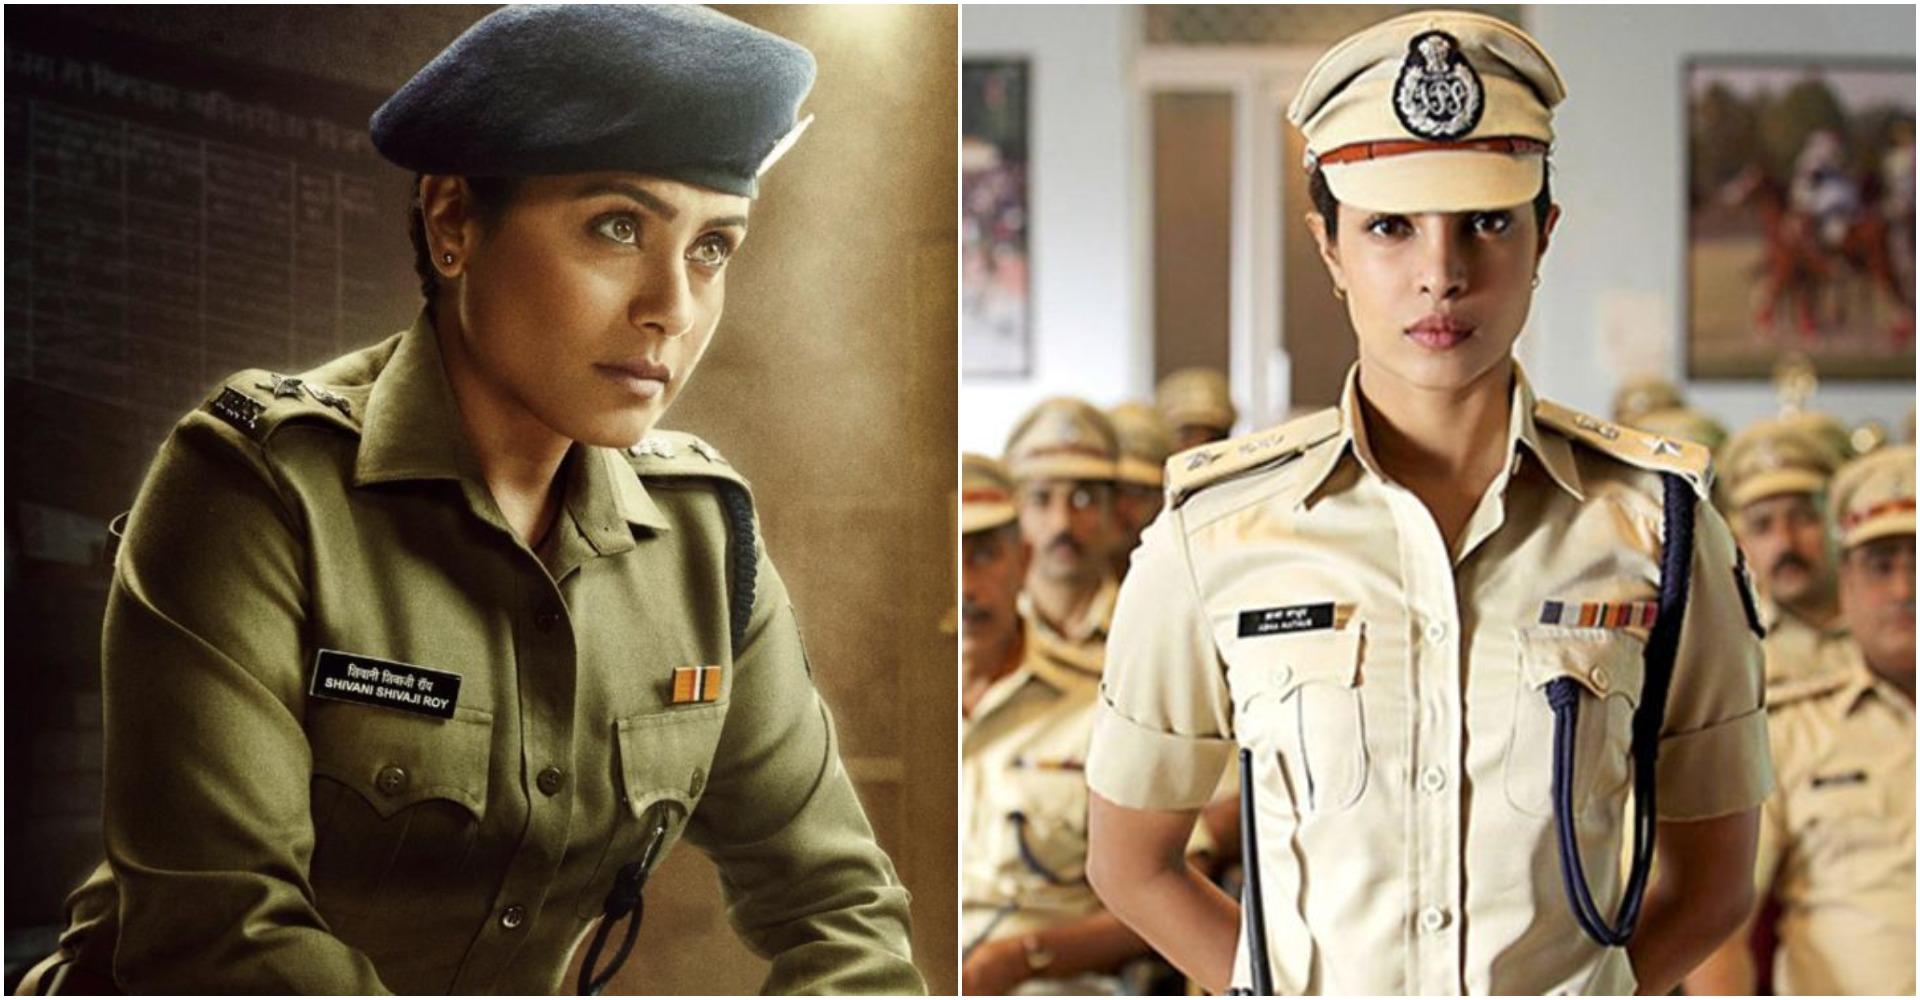 अभिनेत्री रानी मुखर्जी, प्रियंका चोपड़ा जोनस ने पुलिस का किरदार निभा कर बता दिया है की वह किसी से कम नहीं